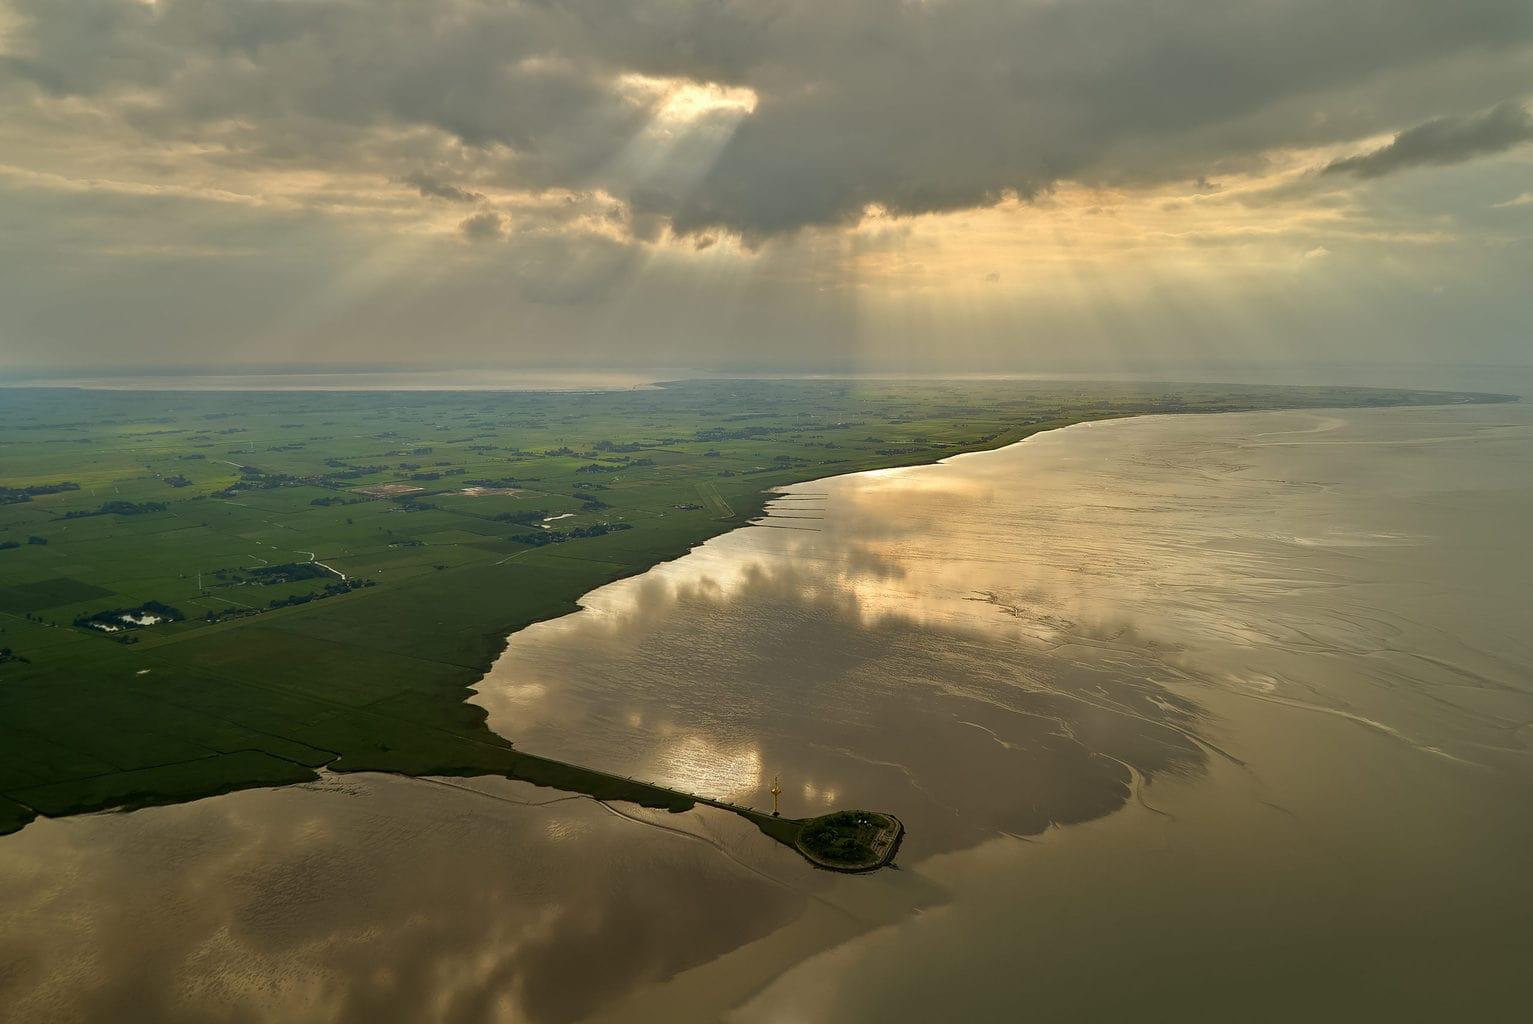 De kust van Butjadingen aan de Duitse Noordzeekust van boven